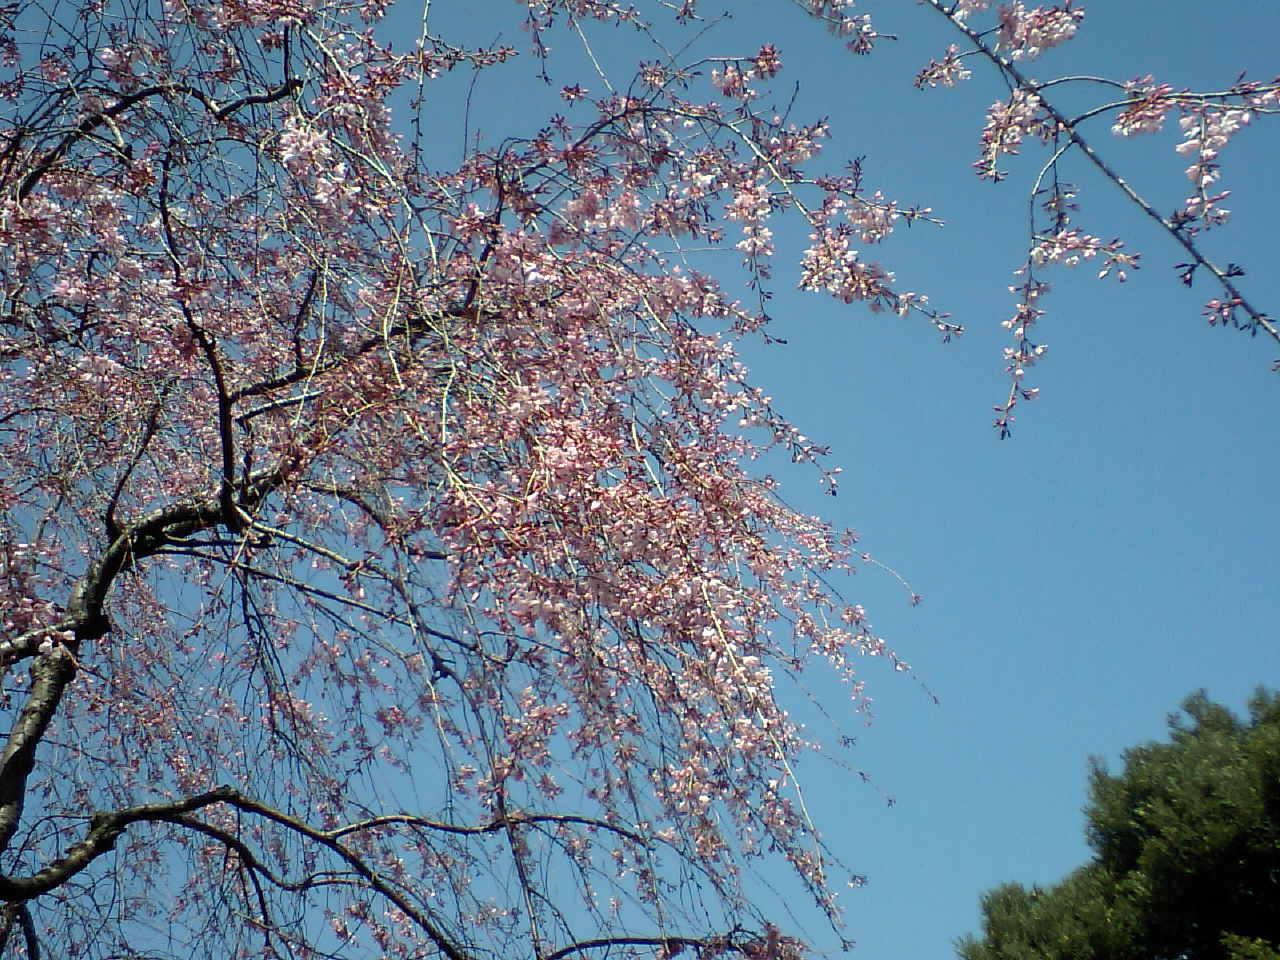 目白庭園のしだれ桜_d0027795_10454872.jpg